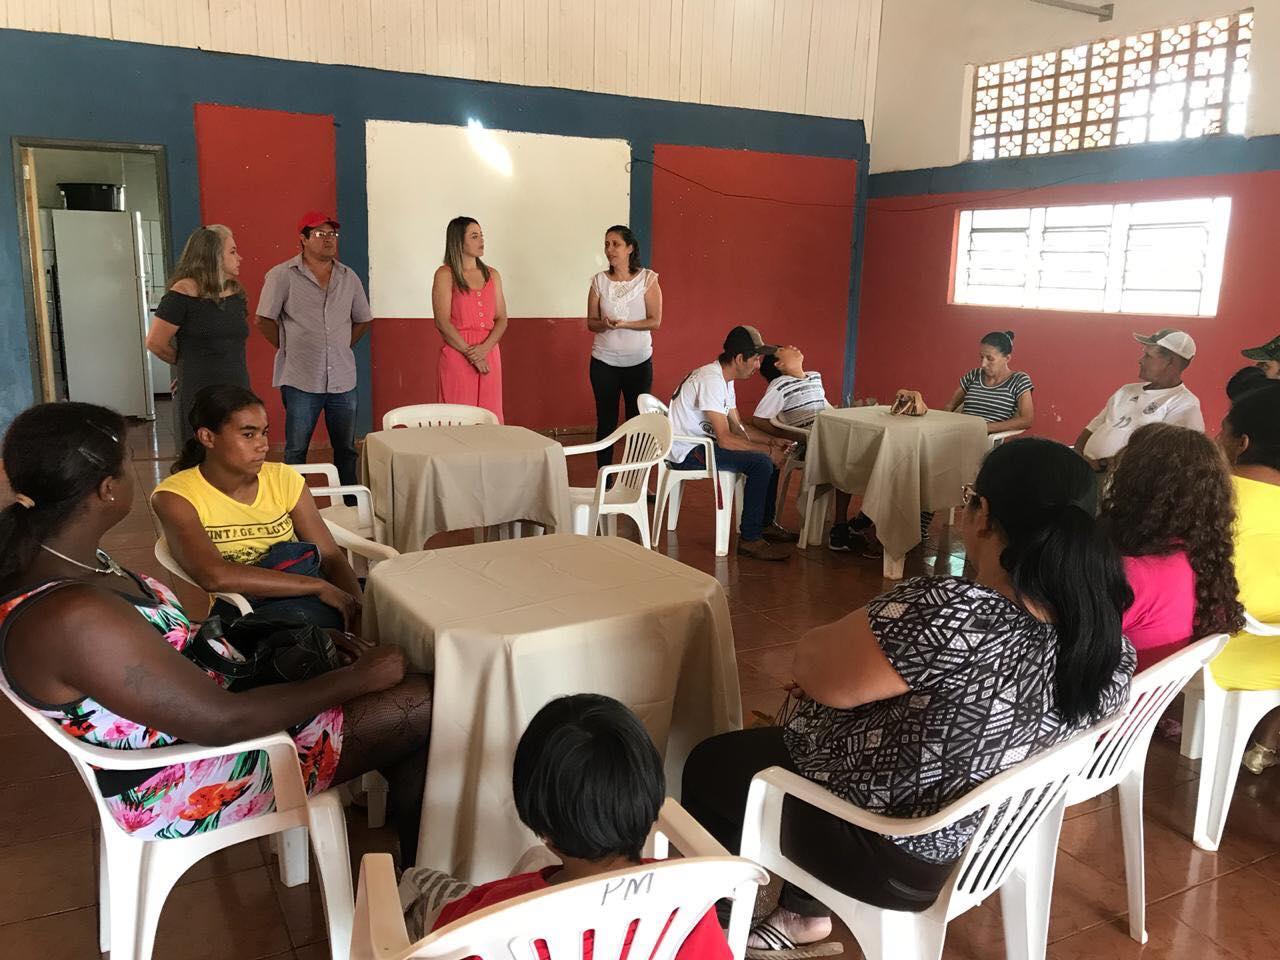 Fotos CAFÉ DA MANHÃ DOS BENEFICIÁRIOS DO PROGRAMA FRENTE DE TRABALHO DE NOVEMBRO.